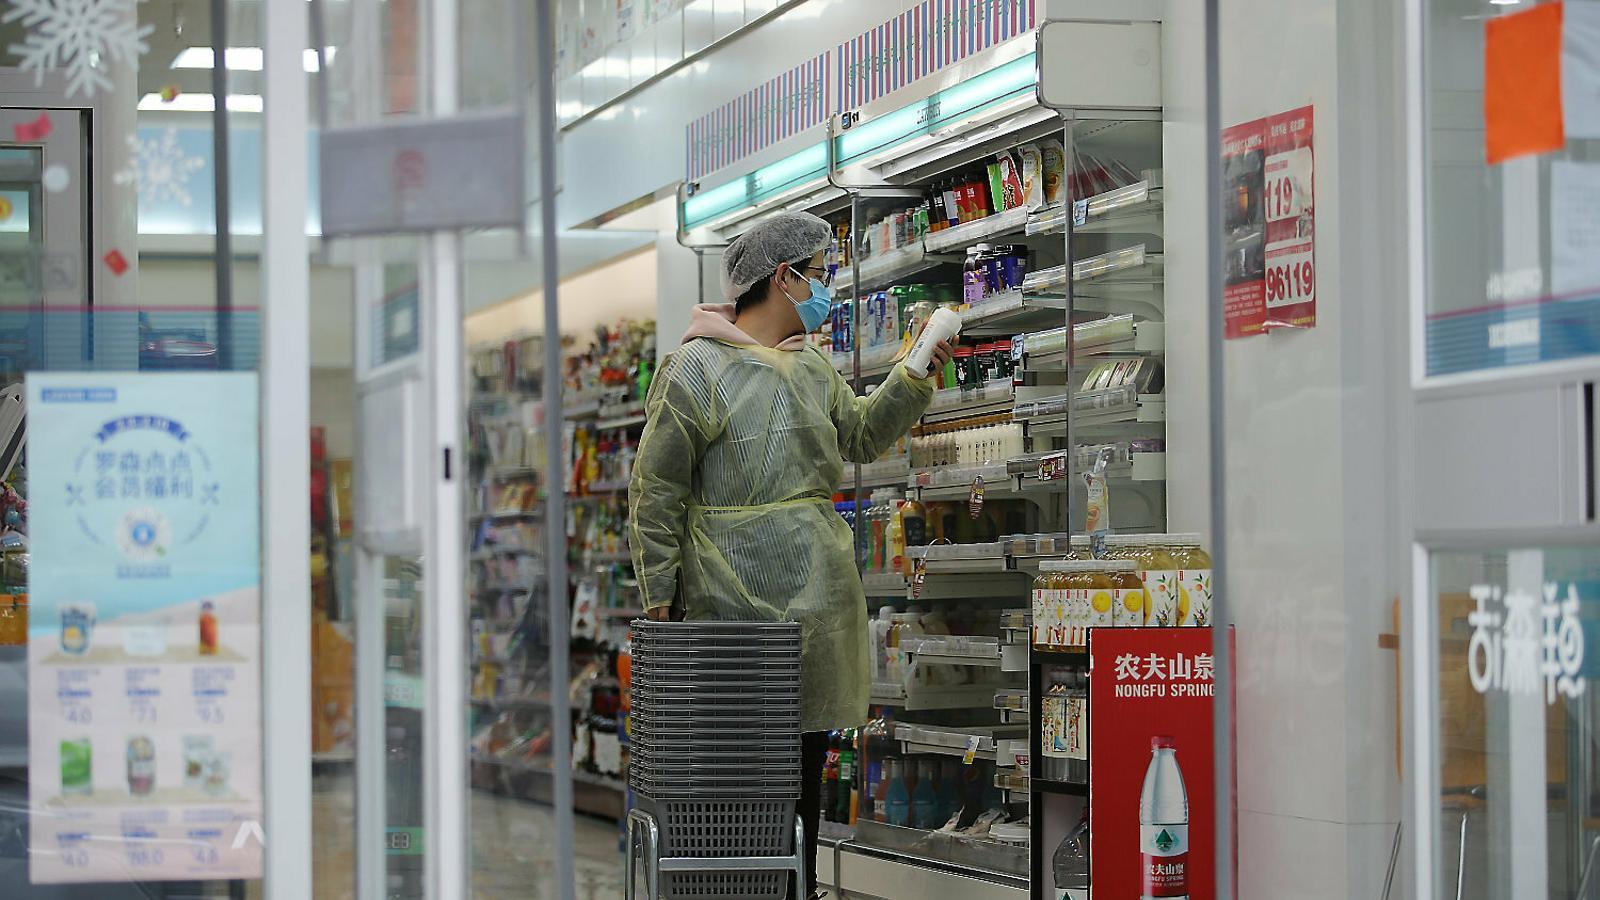 01. Una clienta en un supermercat a la ciutat de Wuhan, epicentre de l'epidèmia.  02. Un venedor de carn a Xangai.  03. Una perruquera arreglant els cabells d'una clienta a Xangai.  04. Treballadors d'un restaurant jugant a cartes a Pequín.